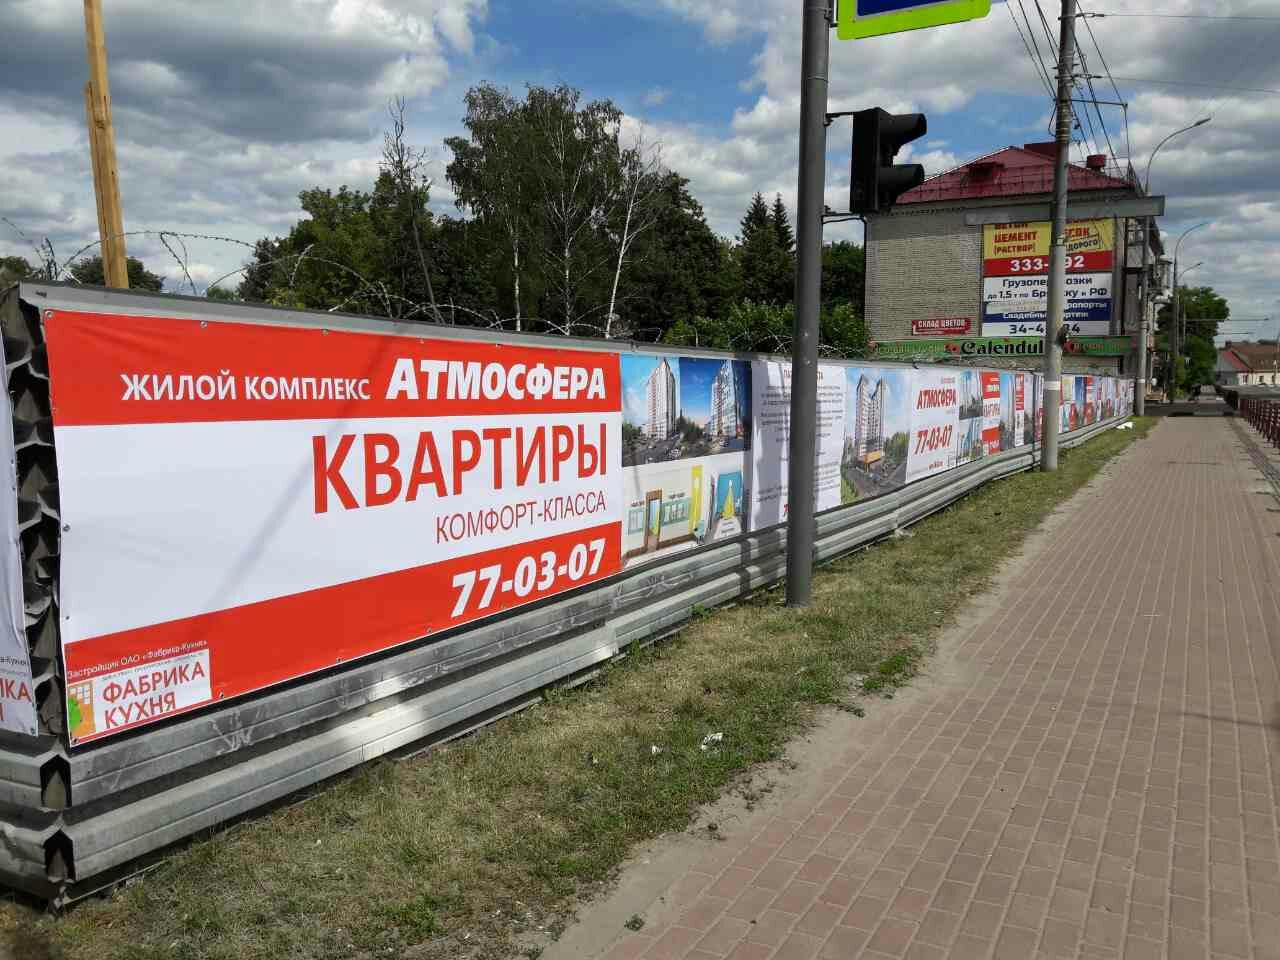 БАННЕРЫ ВАВИЛОН32, АТМОСФЕРА